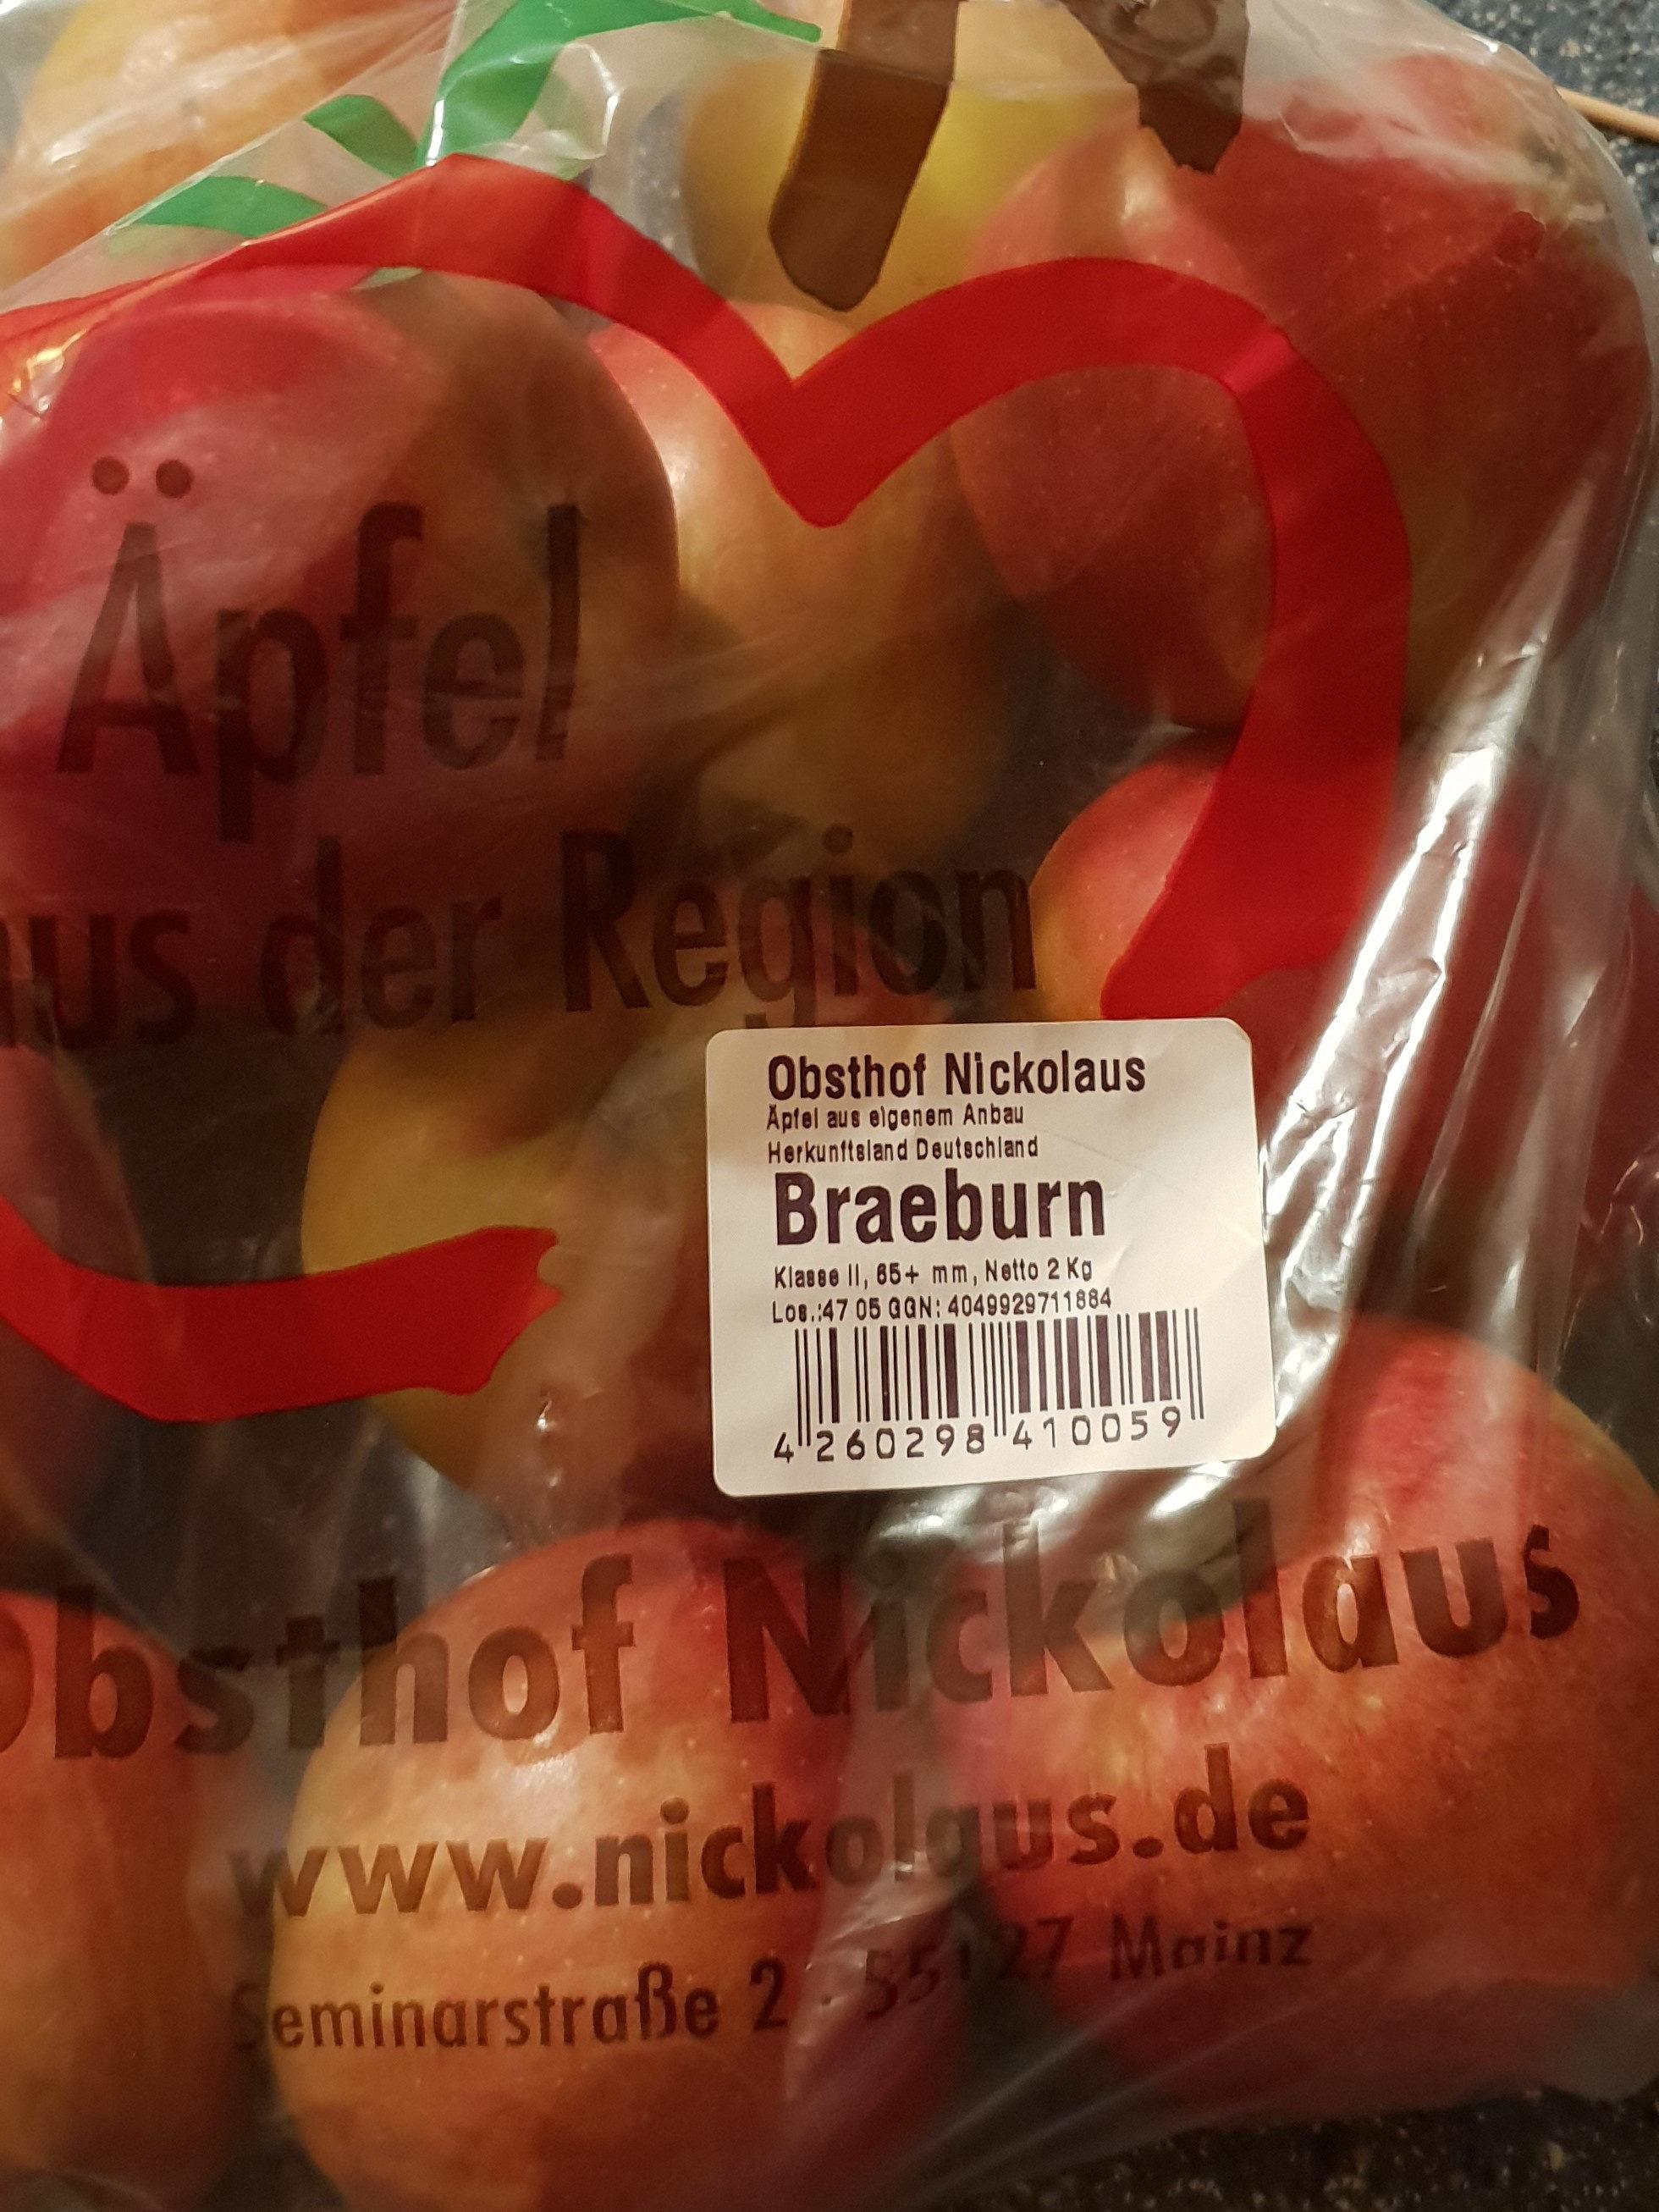 Äpfel Braeburn Klasse II, 65+ mm - Product - de